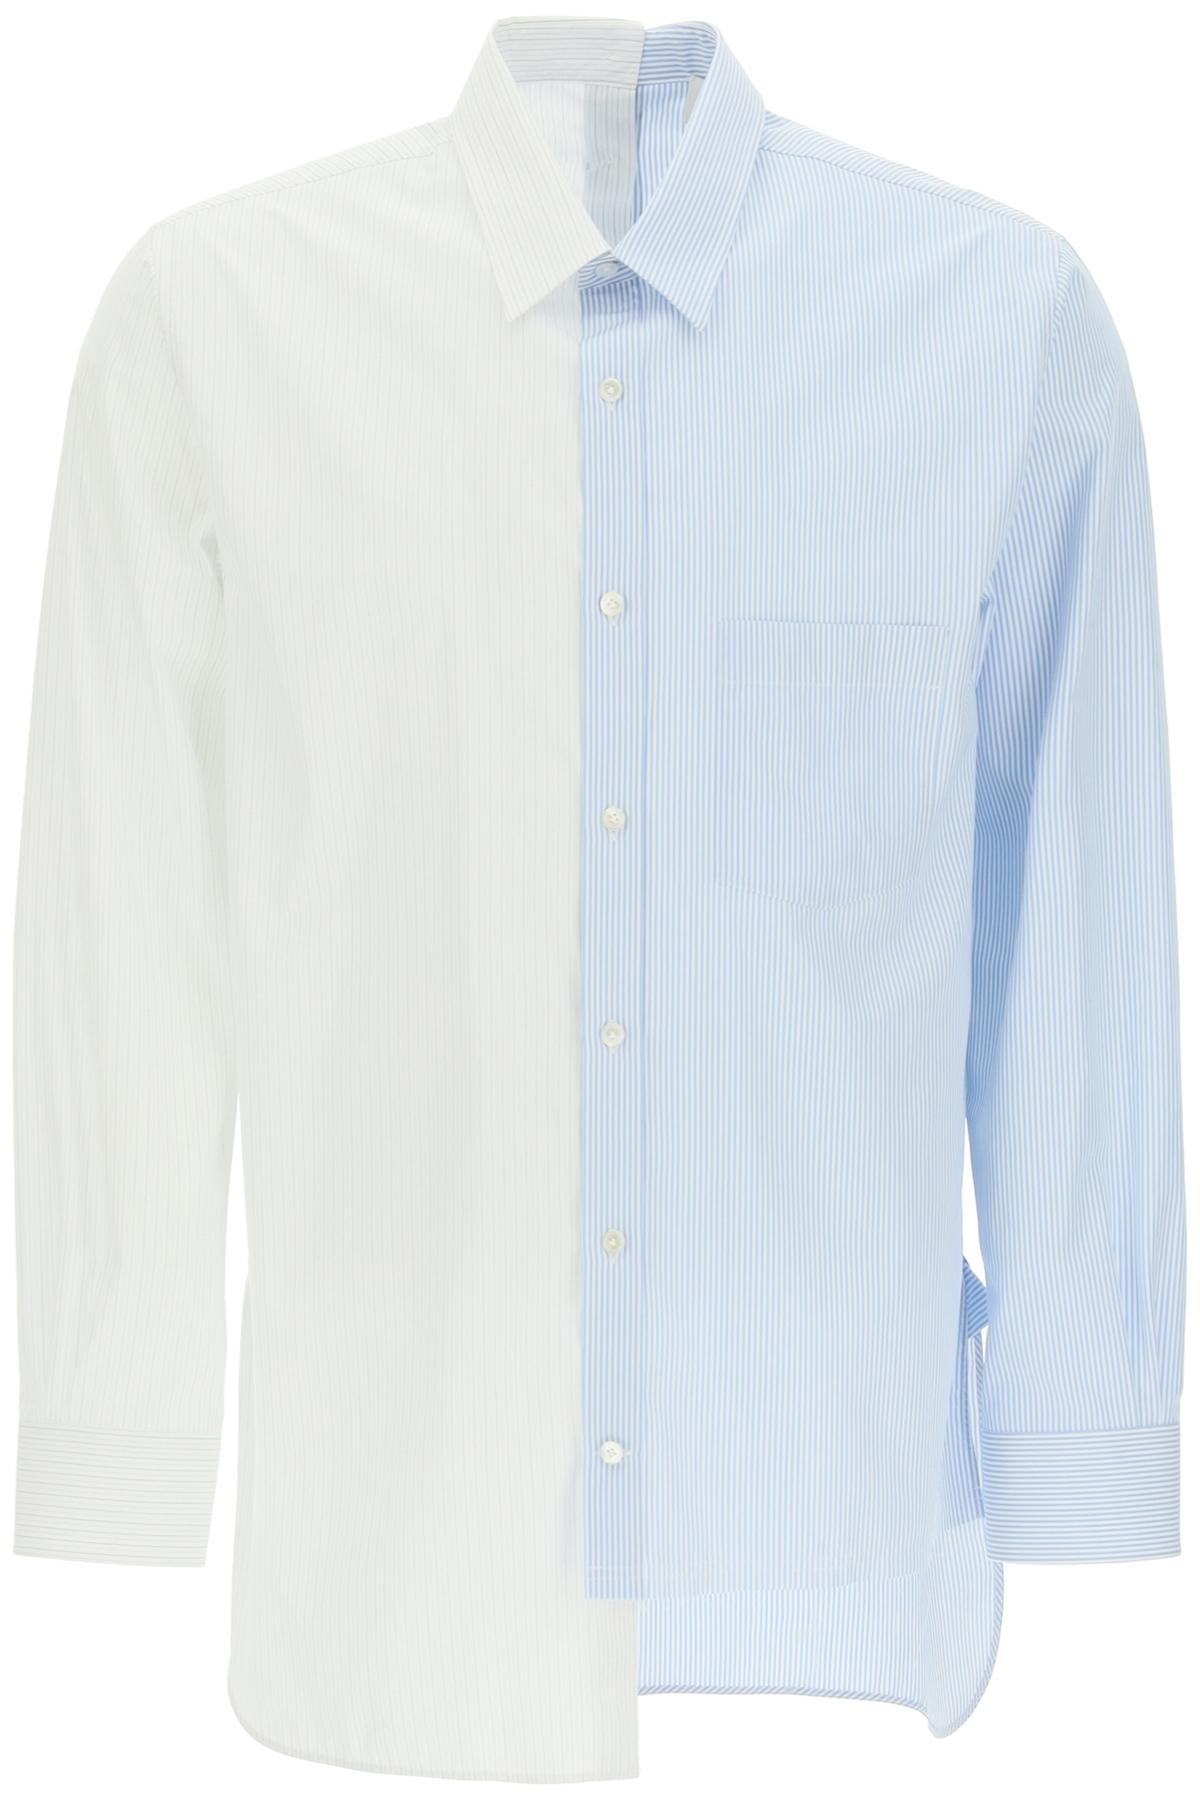 Lanvin camicia patchwork asimmetrica